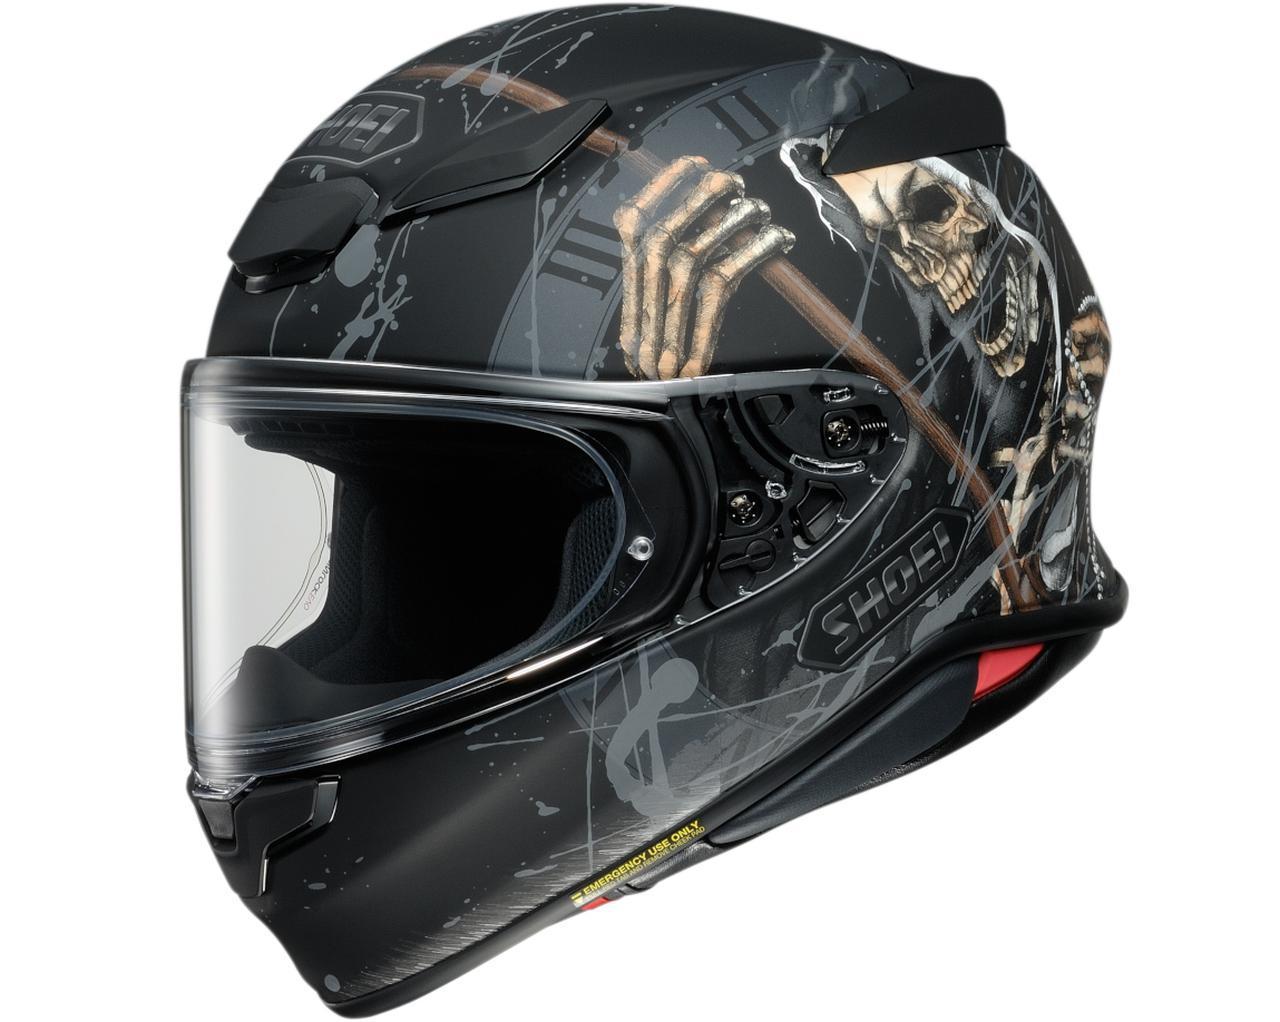 画像2: SHOEIの新型ヘルメット「Z-8」グラフィックモデル・まとめ|2021年5月末までに6モデル計13種のカラーが登場